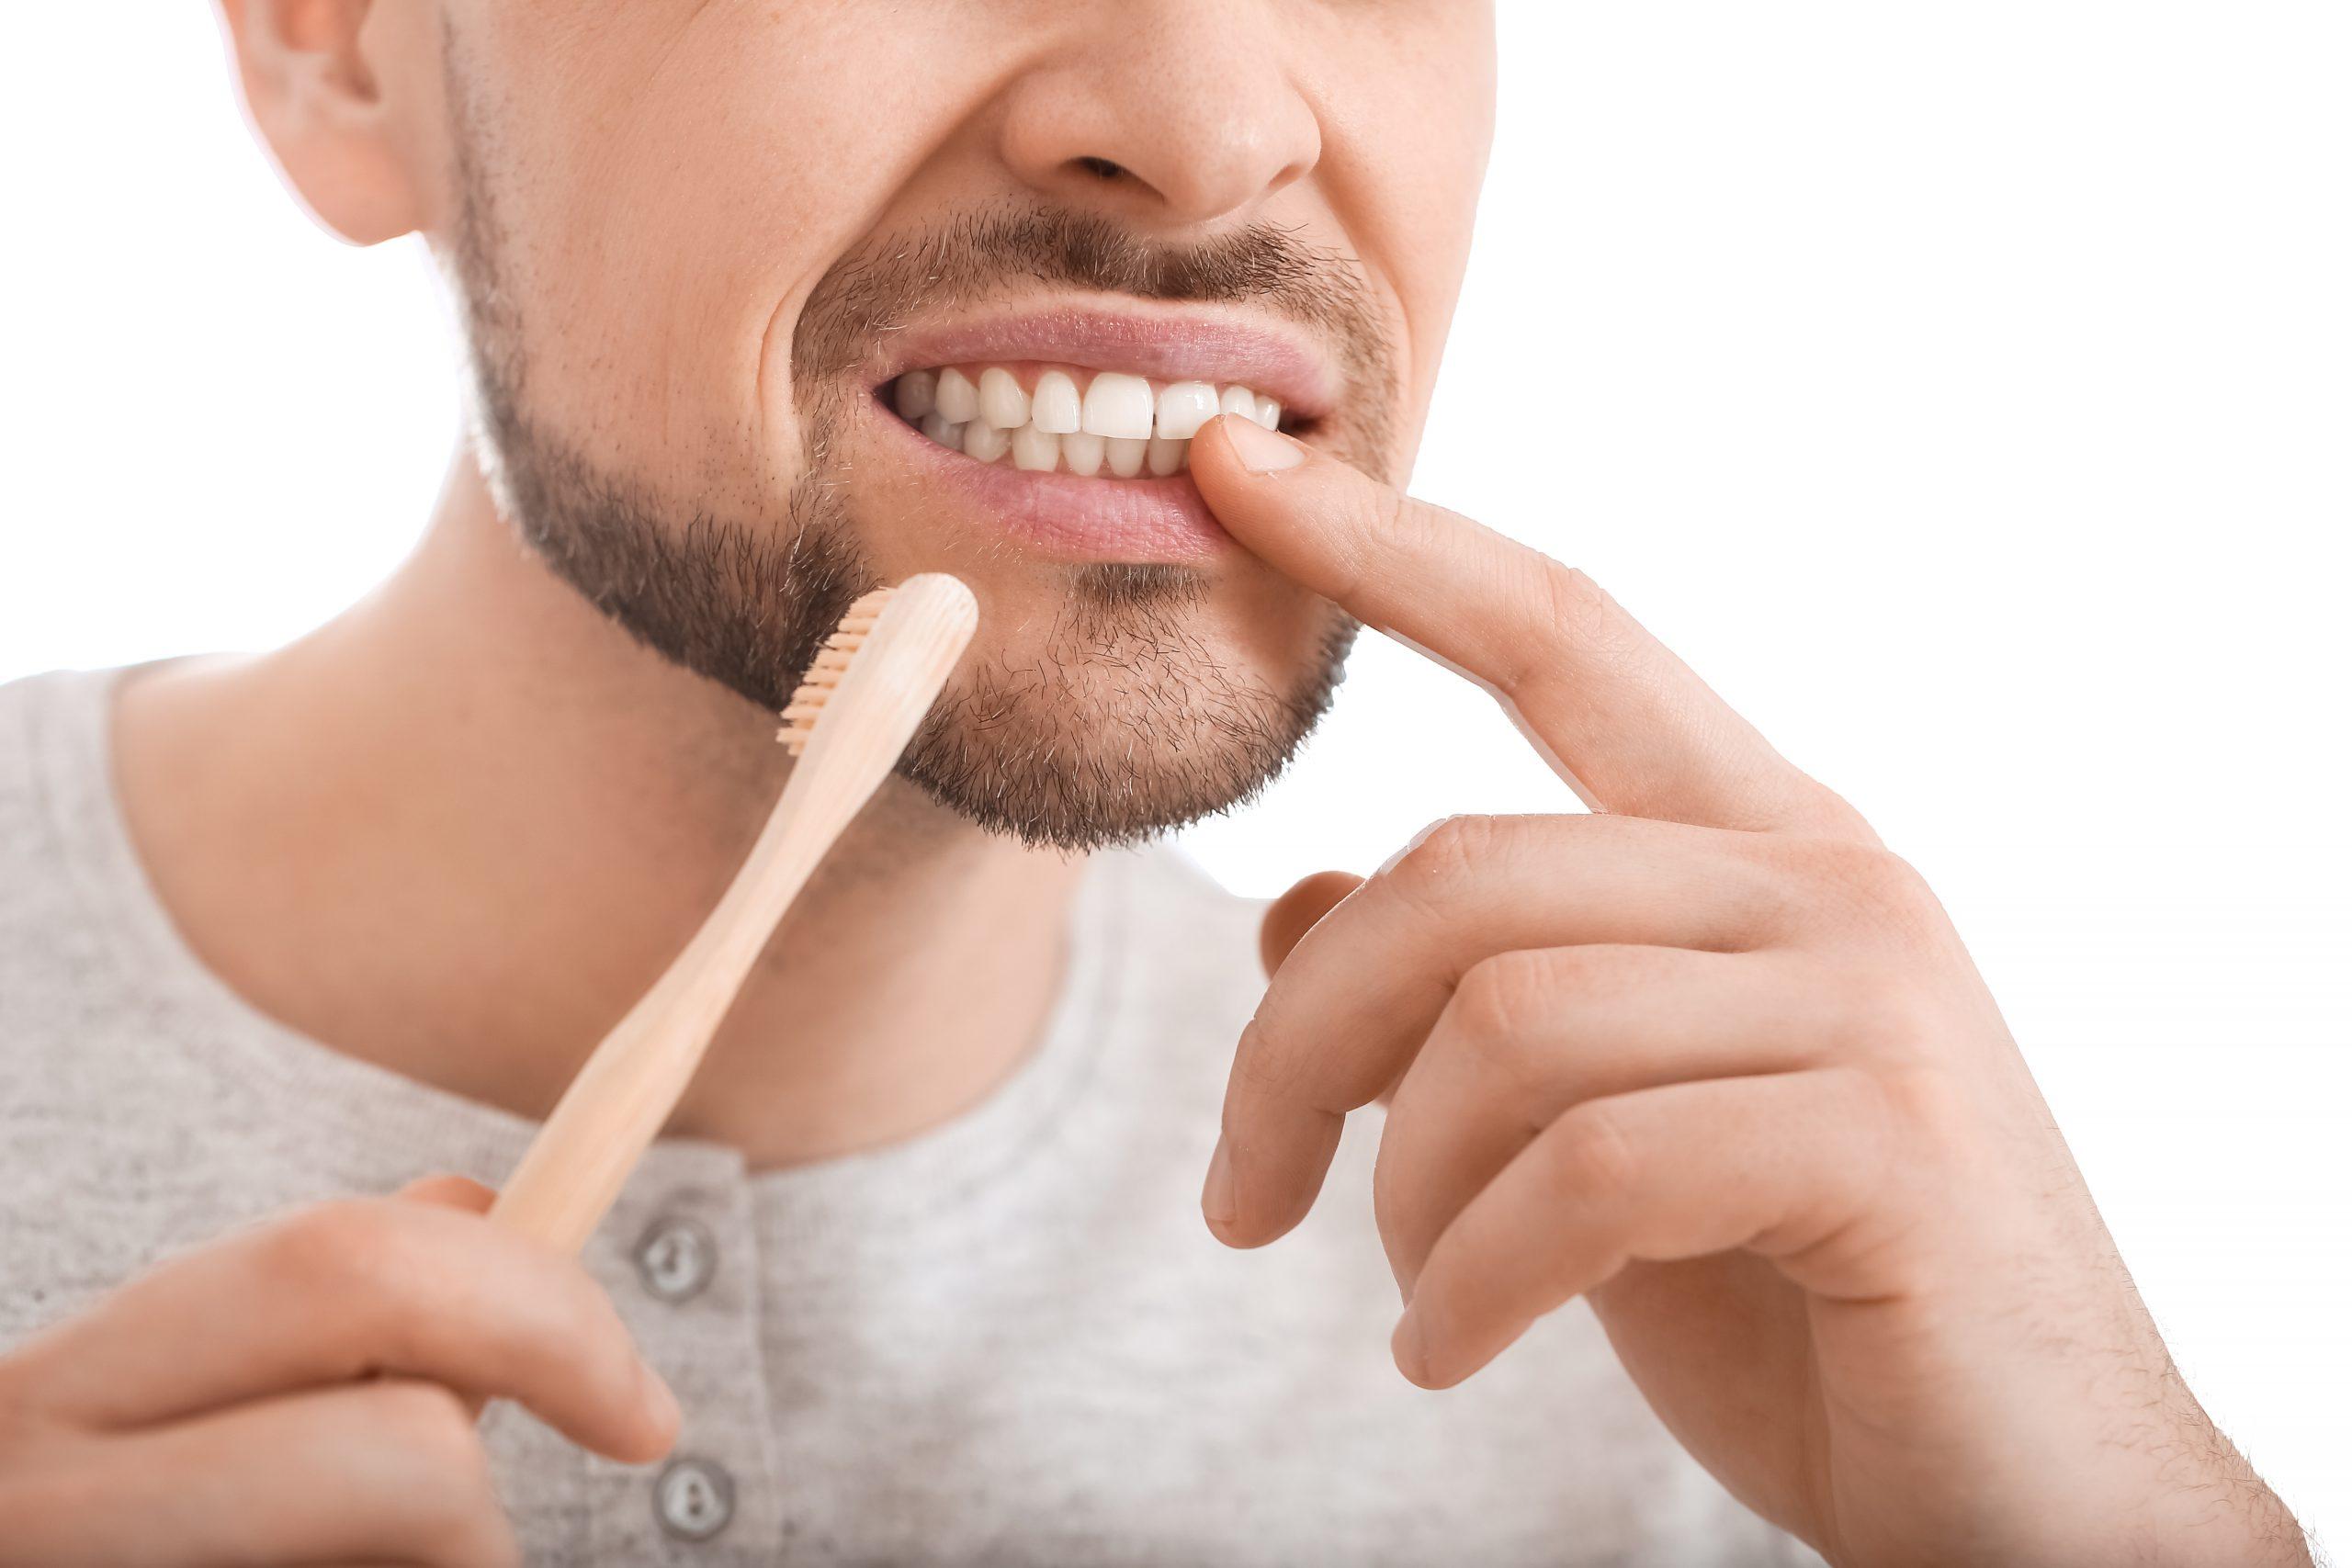 You are currently viewing Kako poskrbeti za ustno higieno če so dlesni boleče?